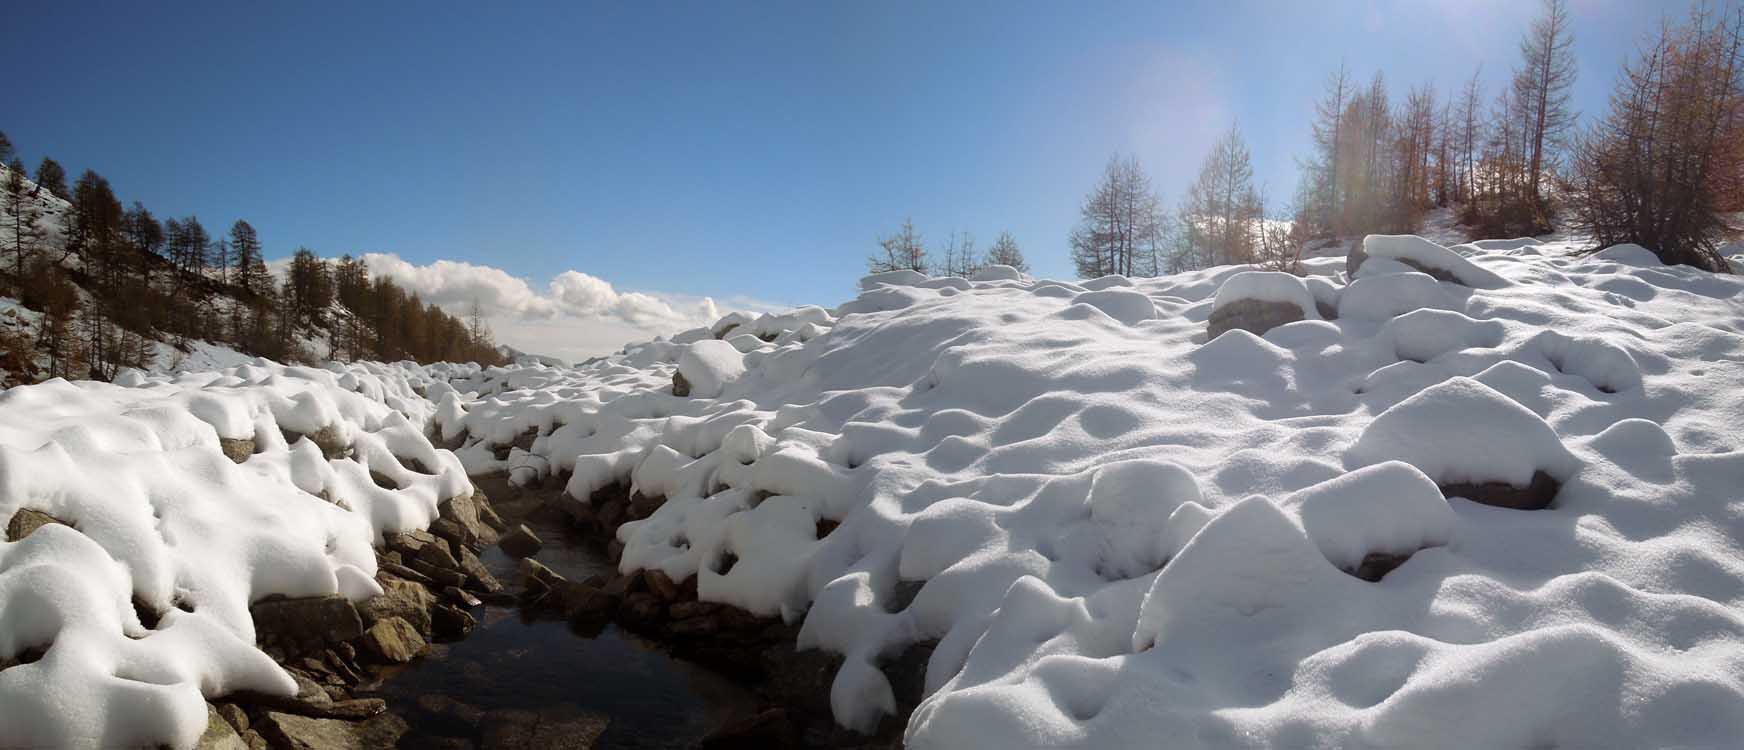 Andromia (Lago di) da Crevoladossola 2014-11-08